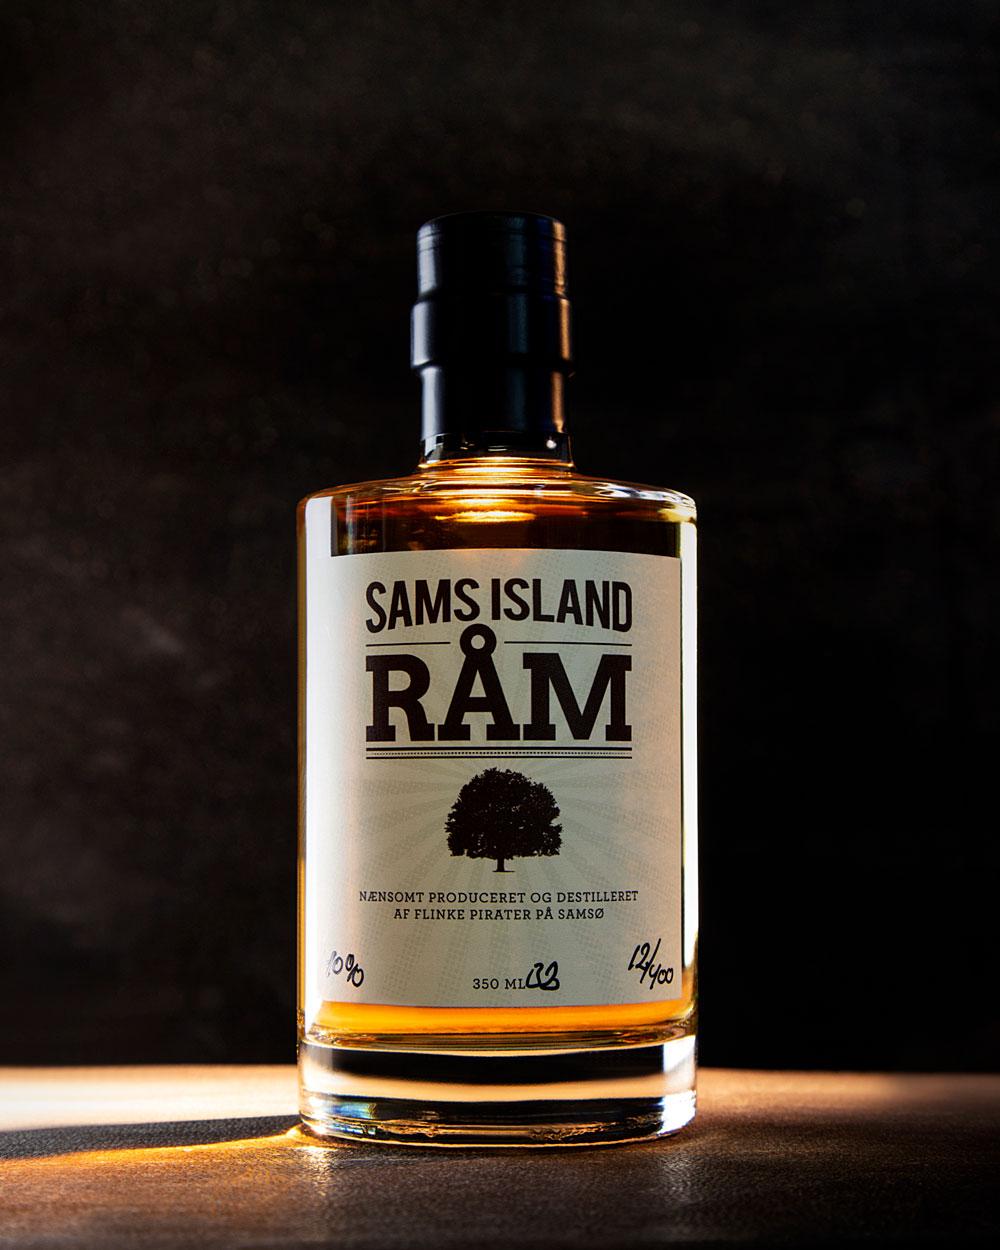 Sams-Island-Råm-web.jpg